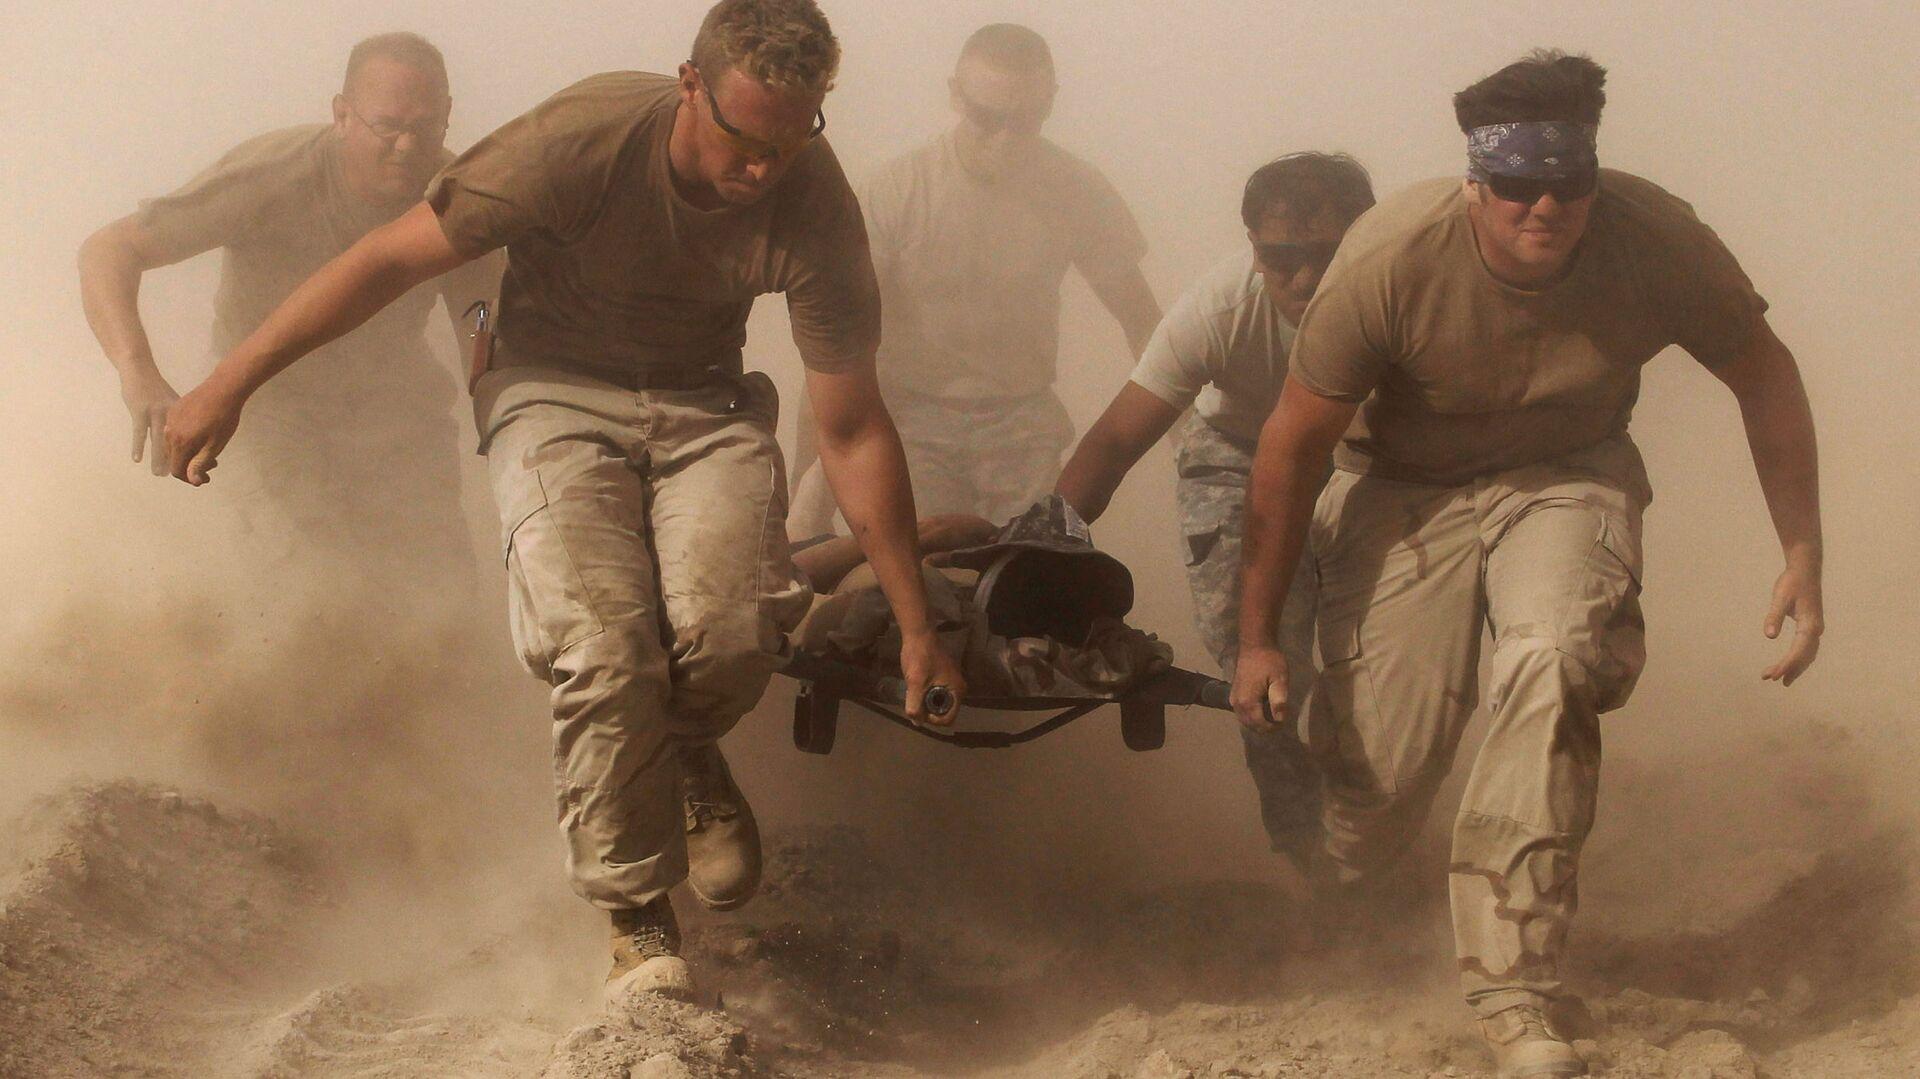 Американские войска покидают Афганистан. Как выглядит война - Sputnik Грузия, 1920, 06.09.2021